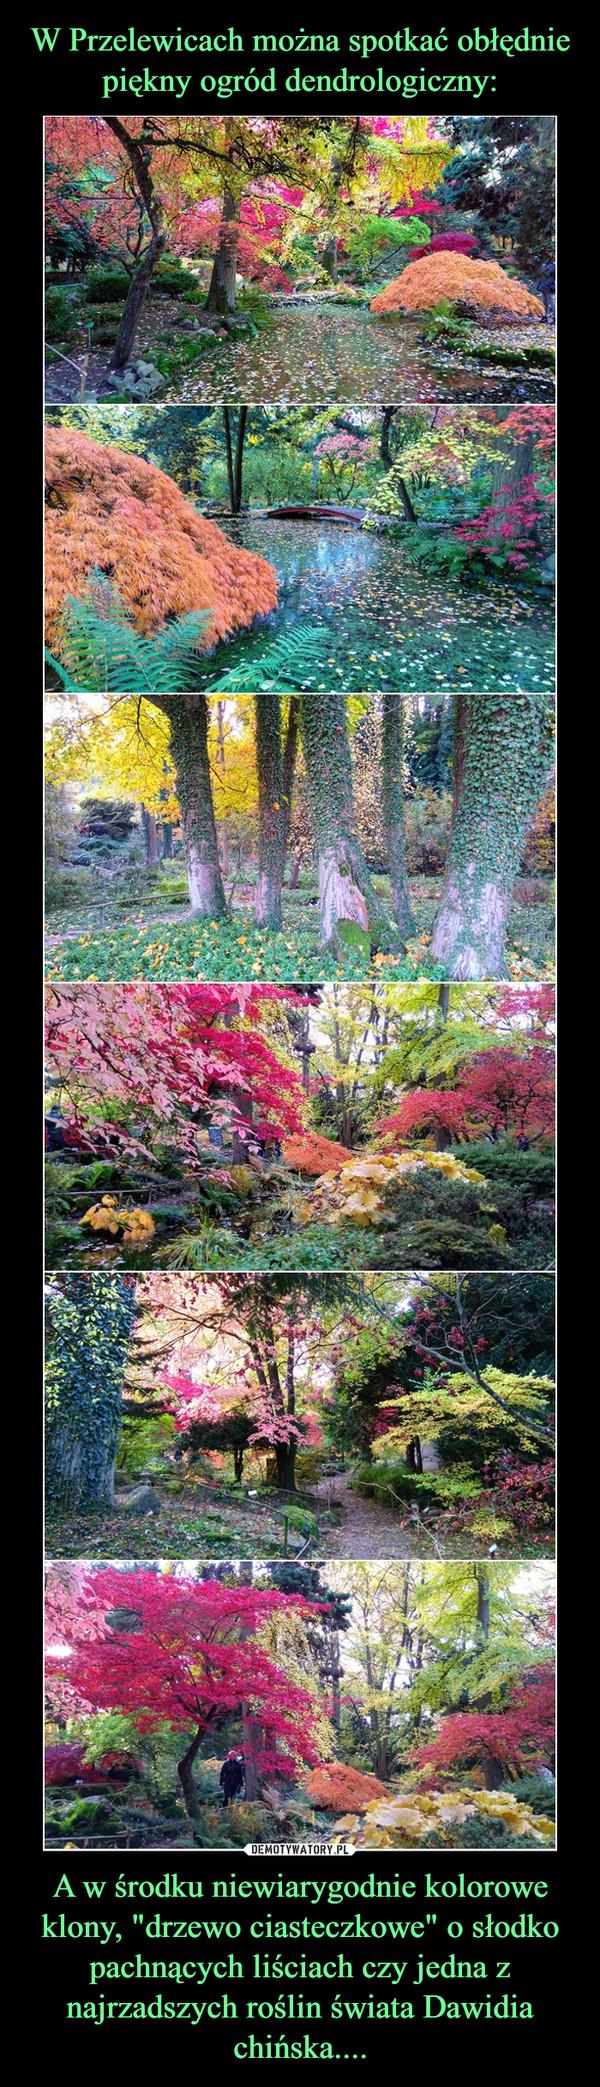 """A w środku niewiarygodnie kolorowe klony, """"drzewo ciasteczkowe"""" o słodko pachnących liściach czy jedna z najrzadszych roślin świata Dawidia chińska.... –"""